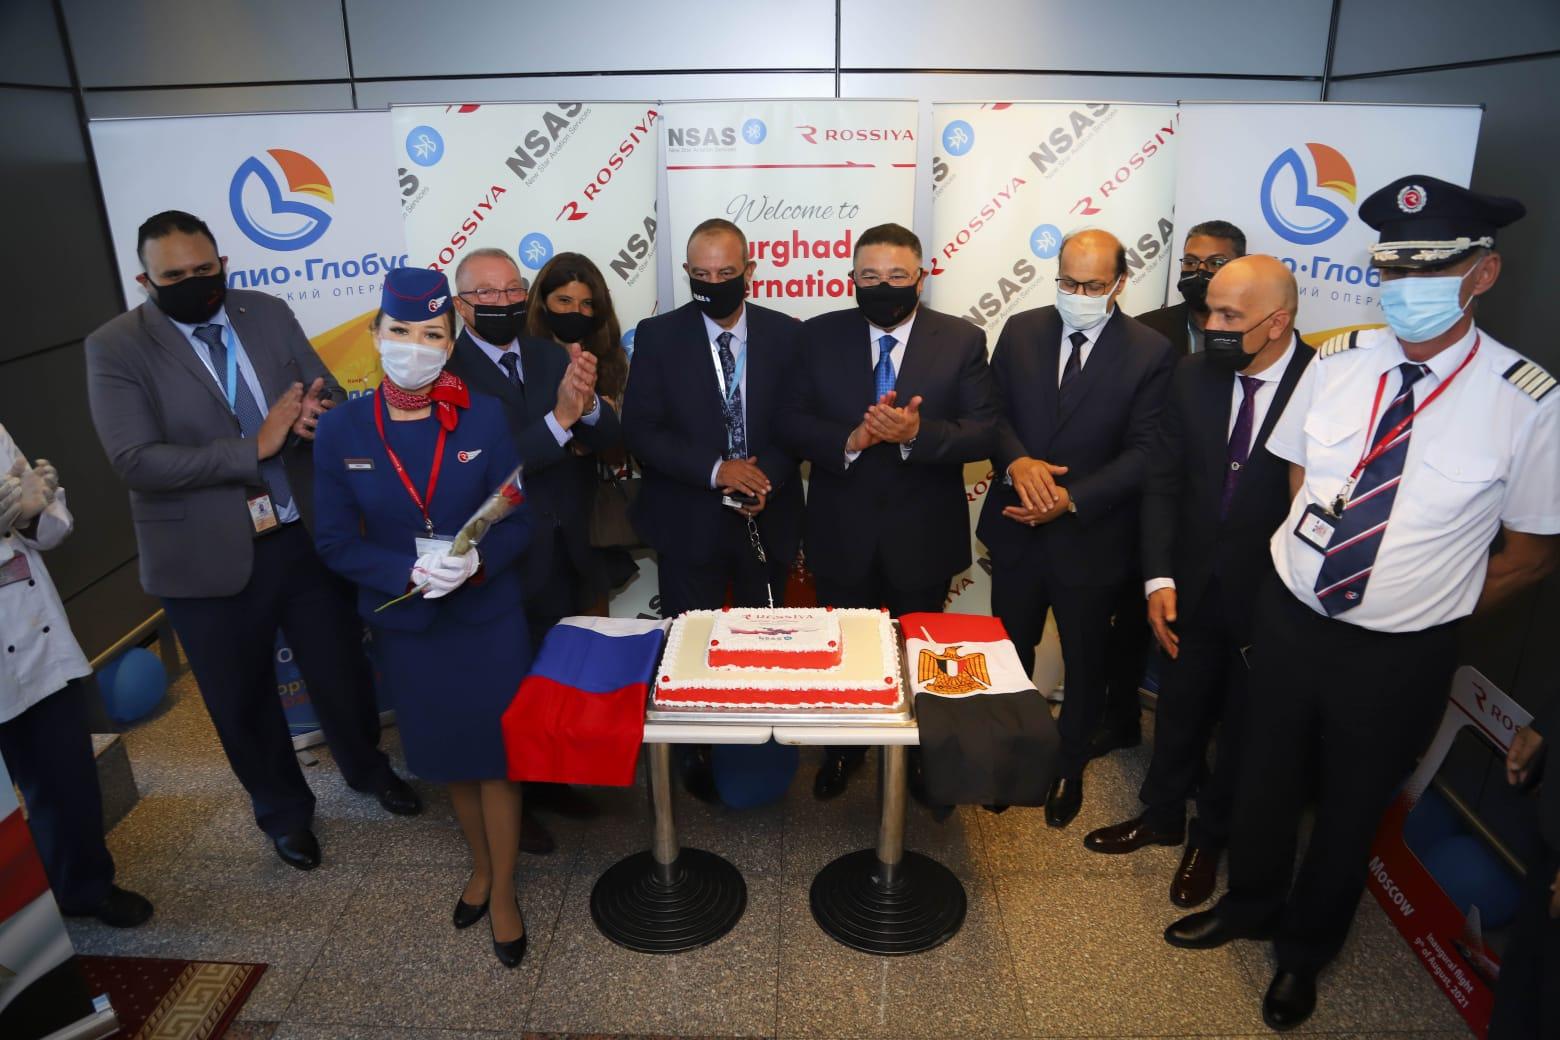 عمرو حنفي يستقبل أولى رحلات روسيا